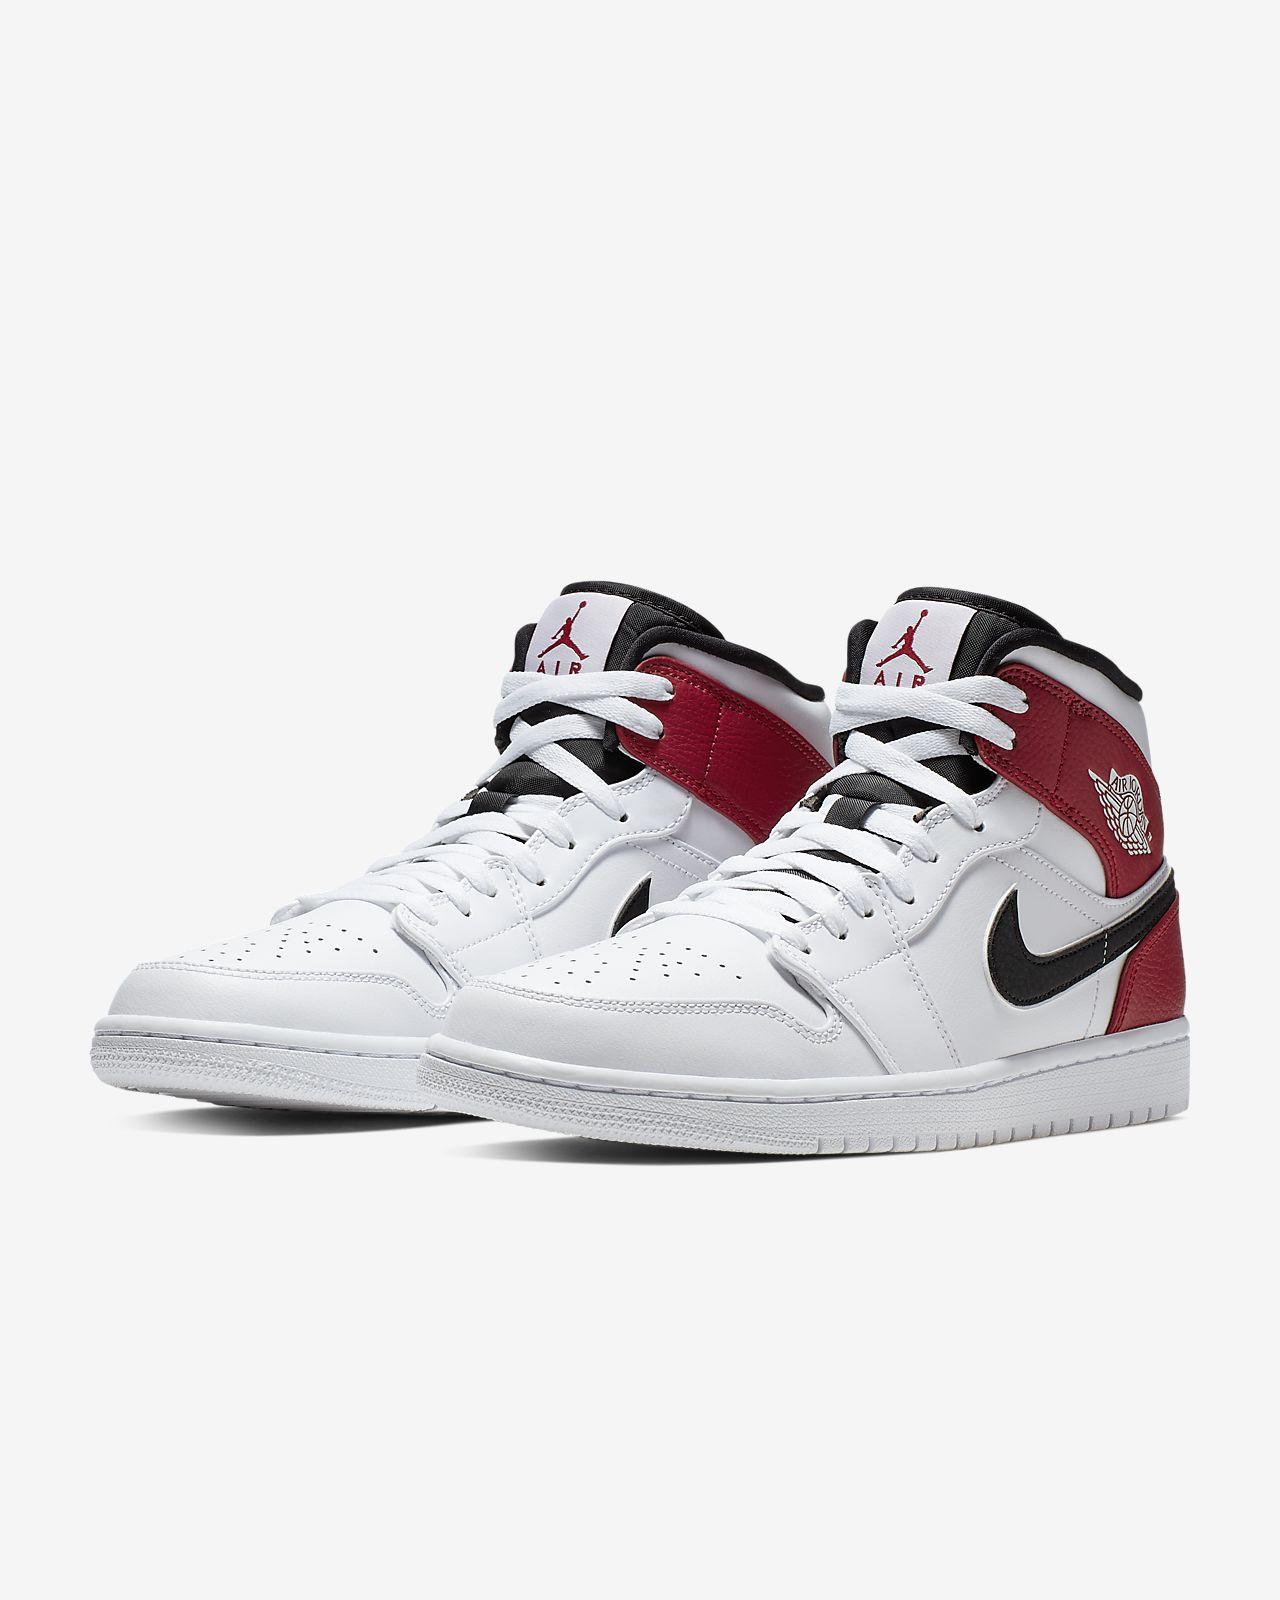 05c3e39a Sapatilhas Air Jordan 1 Mid para homem. Nike.com PT